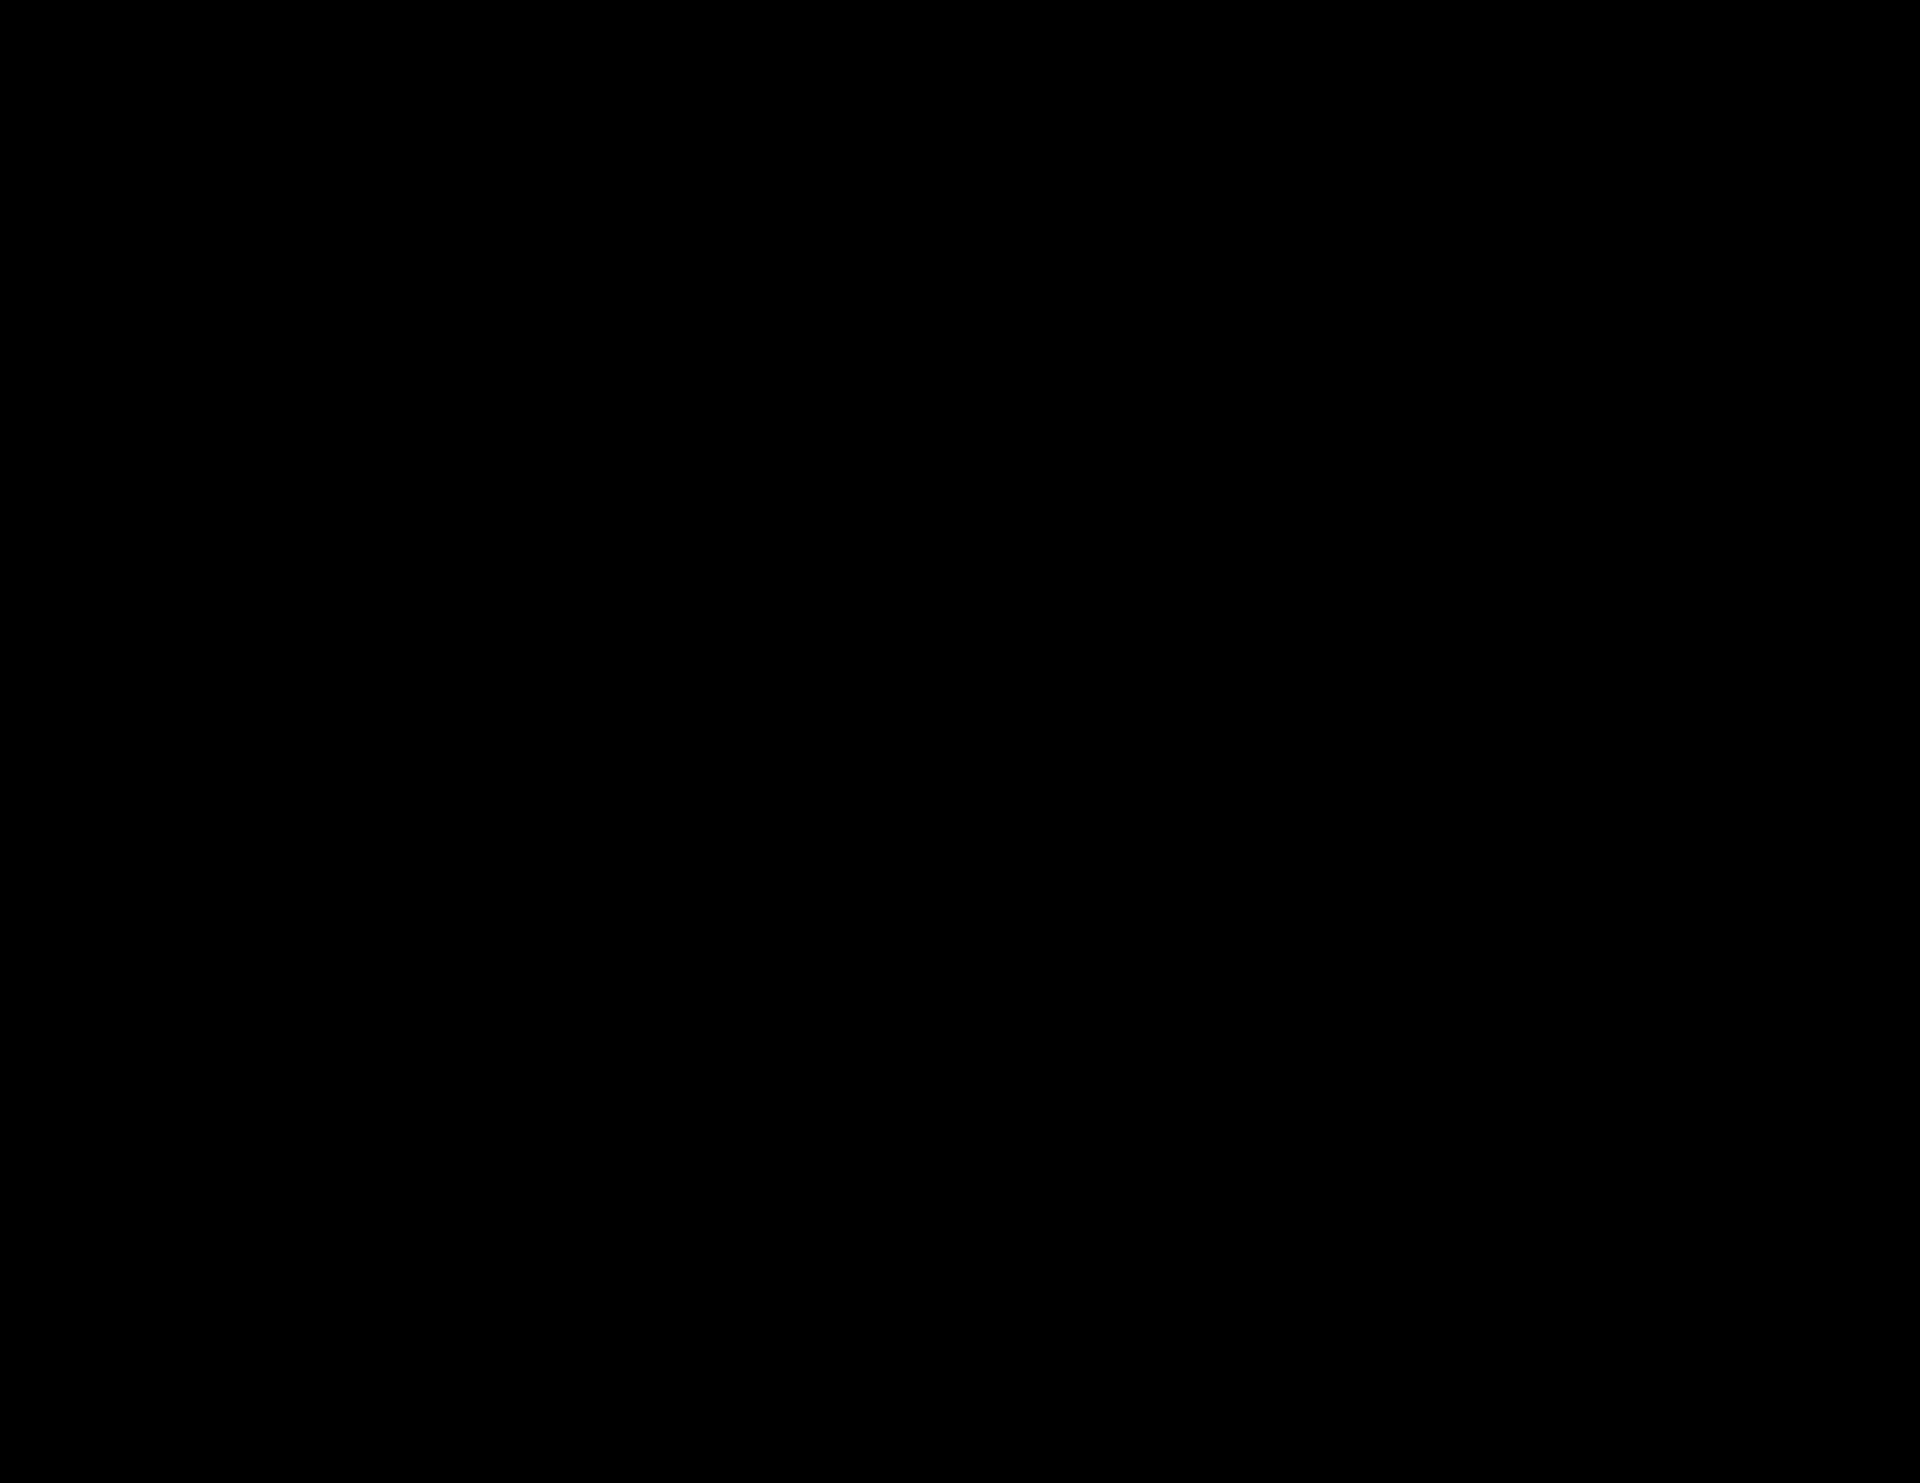 hlg_2903